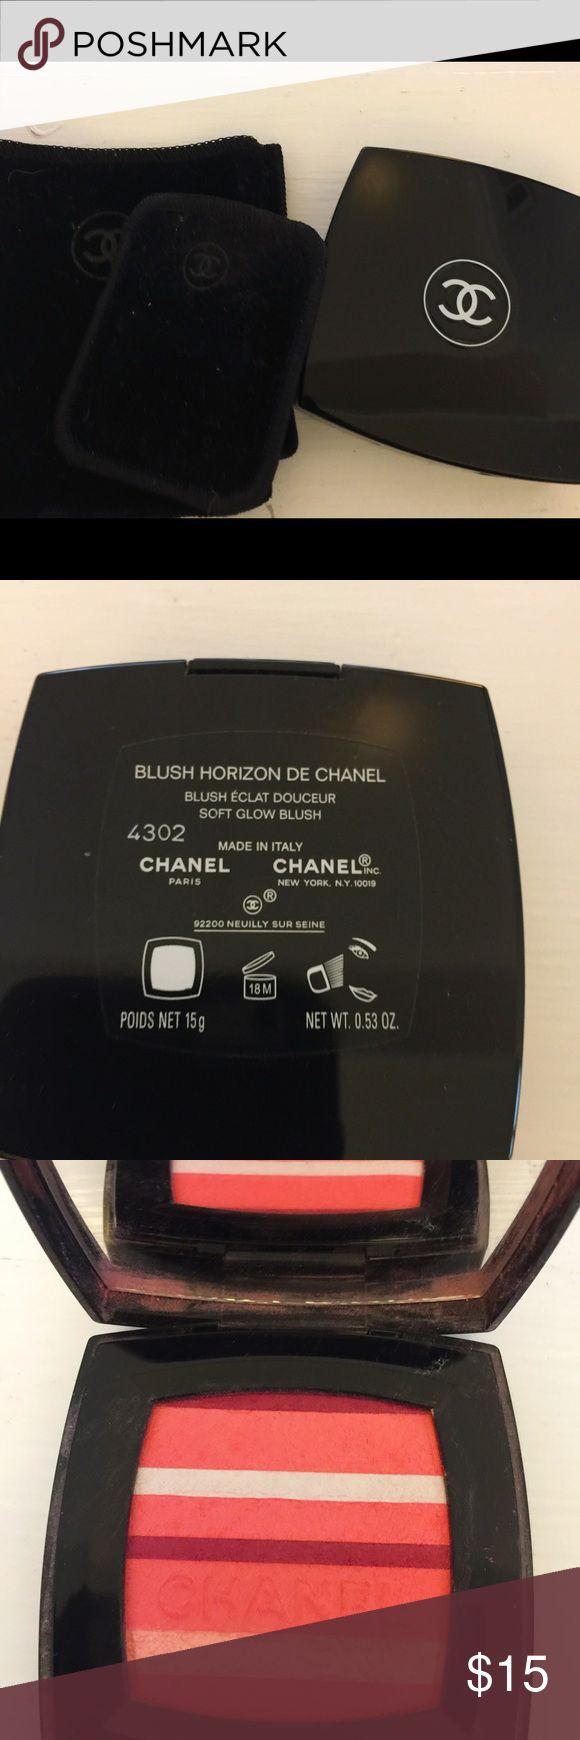 CHANEL BLUSH USED CHANEL BLUSH USED TWICE CHANEL Makeup Blush